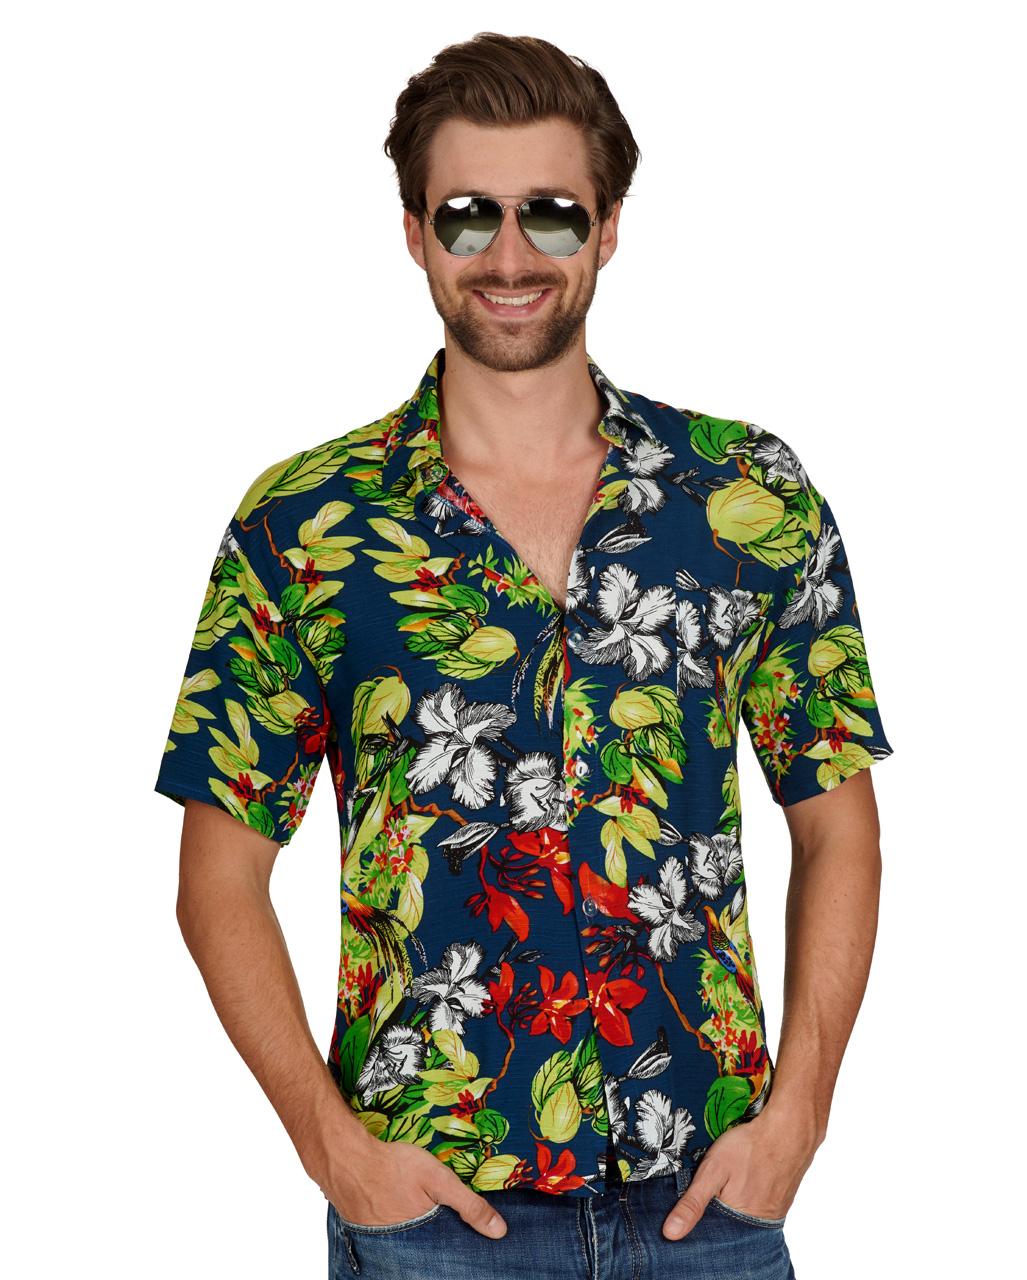 e784832ae Magnum Hawaii Shirt for theme parties!   horror-shop.com